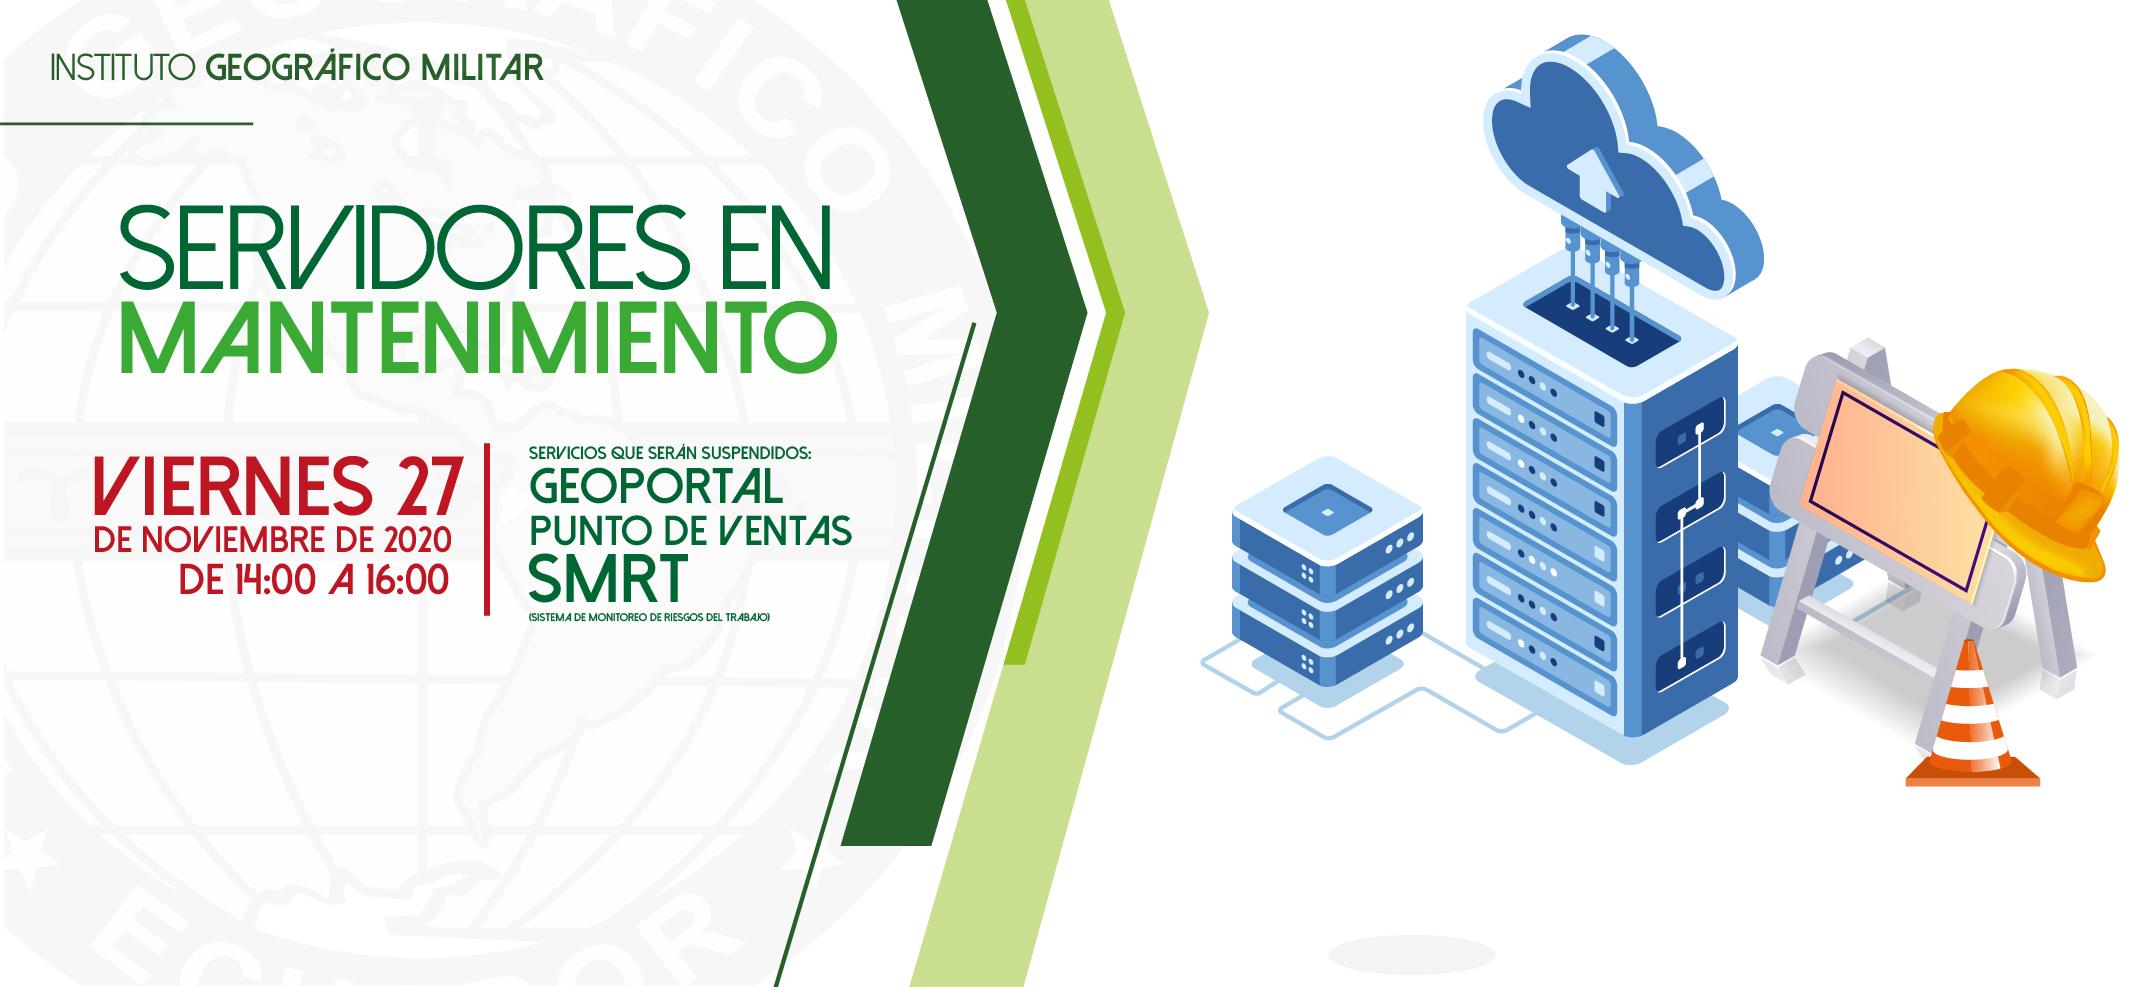 Por motivos de mantenimiento servicios suspendidos - 27/11/2020 de 14:00 a 16:00